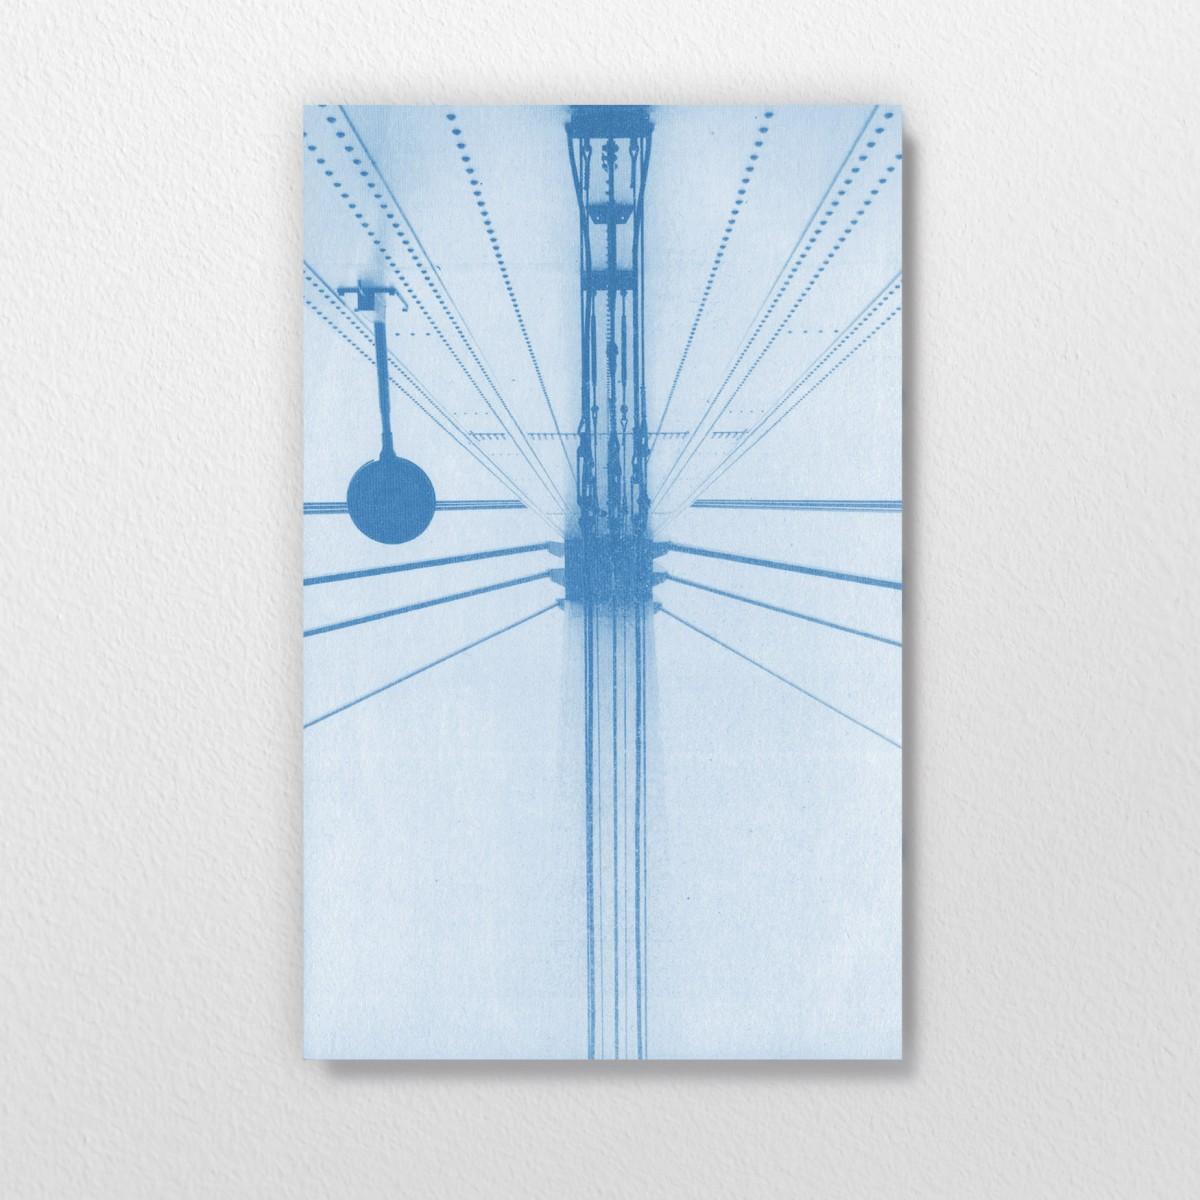 Blaupause – Fluchtpunkt, Cyanotypie auf Multiplex